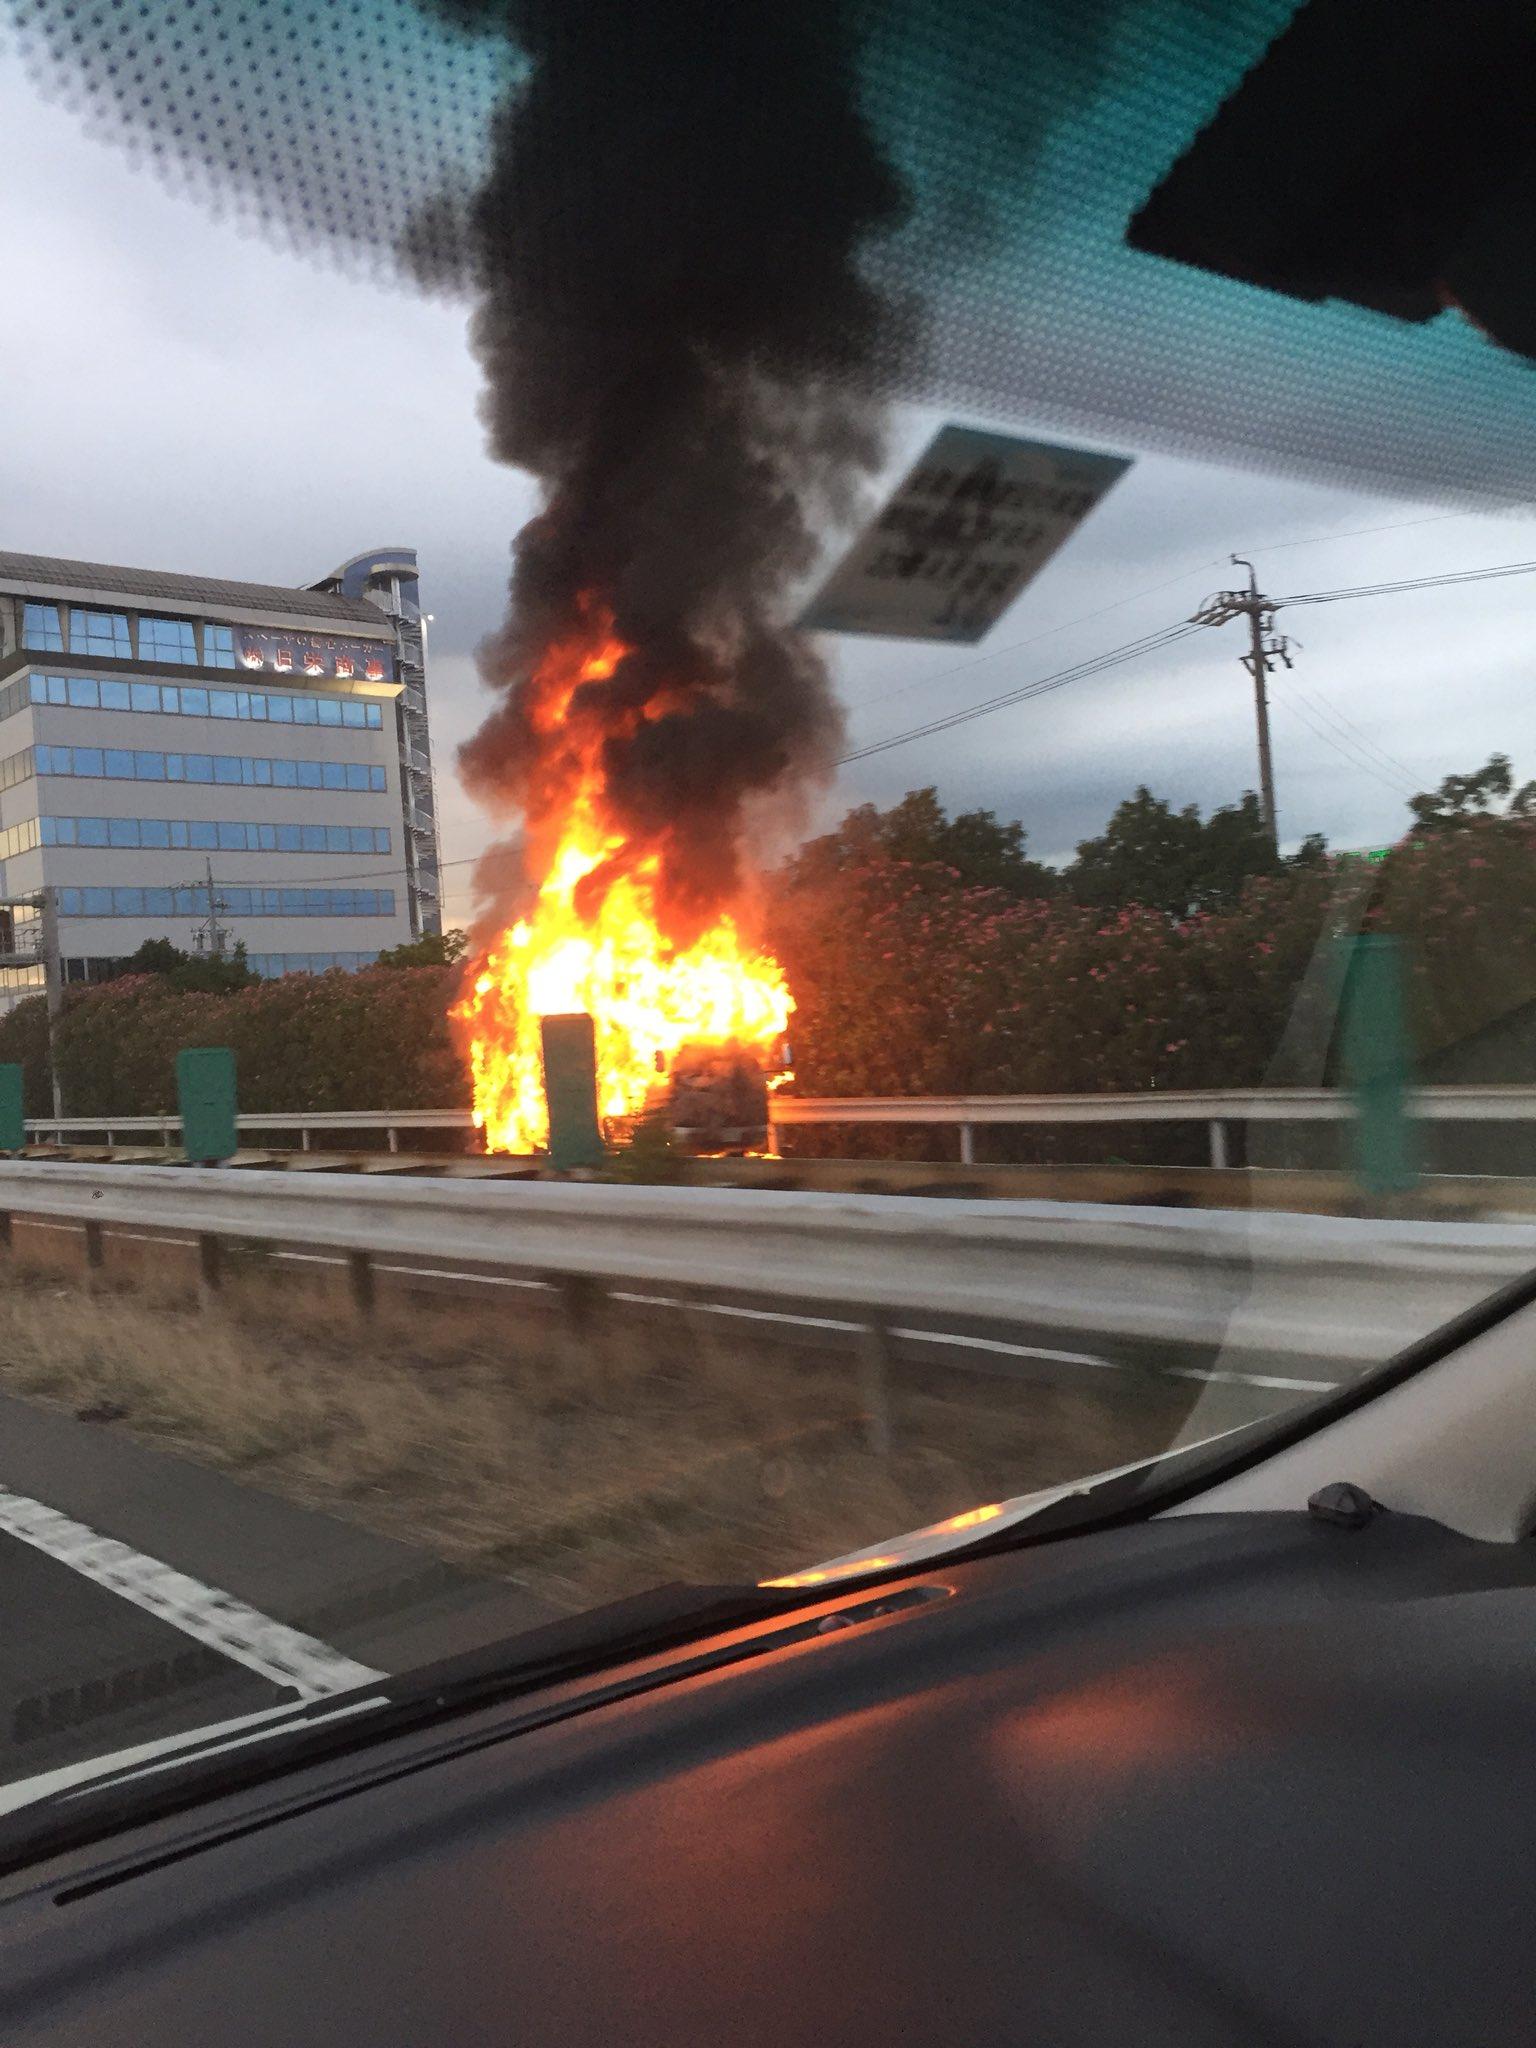 画像,名神高速道路、羽島インター付近で、キャンピングカー車両火災!まだ 緊急車両到着していません! https://t.co/DyFxPGBd6p…